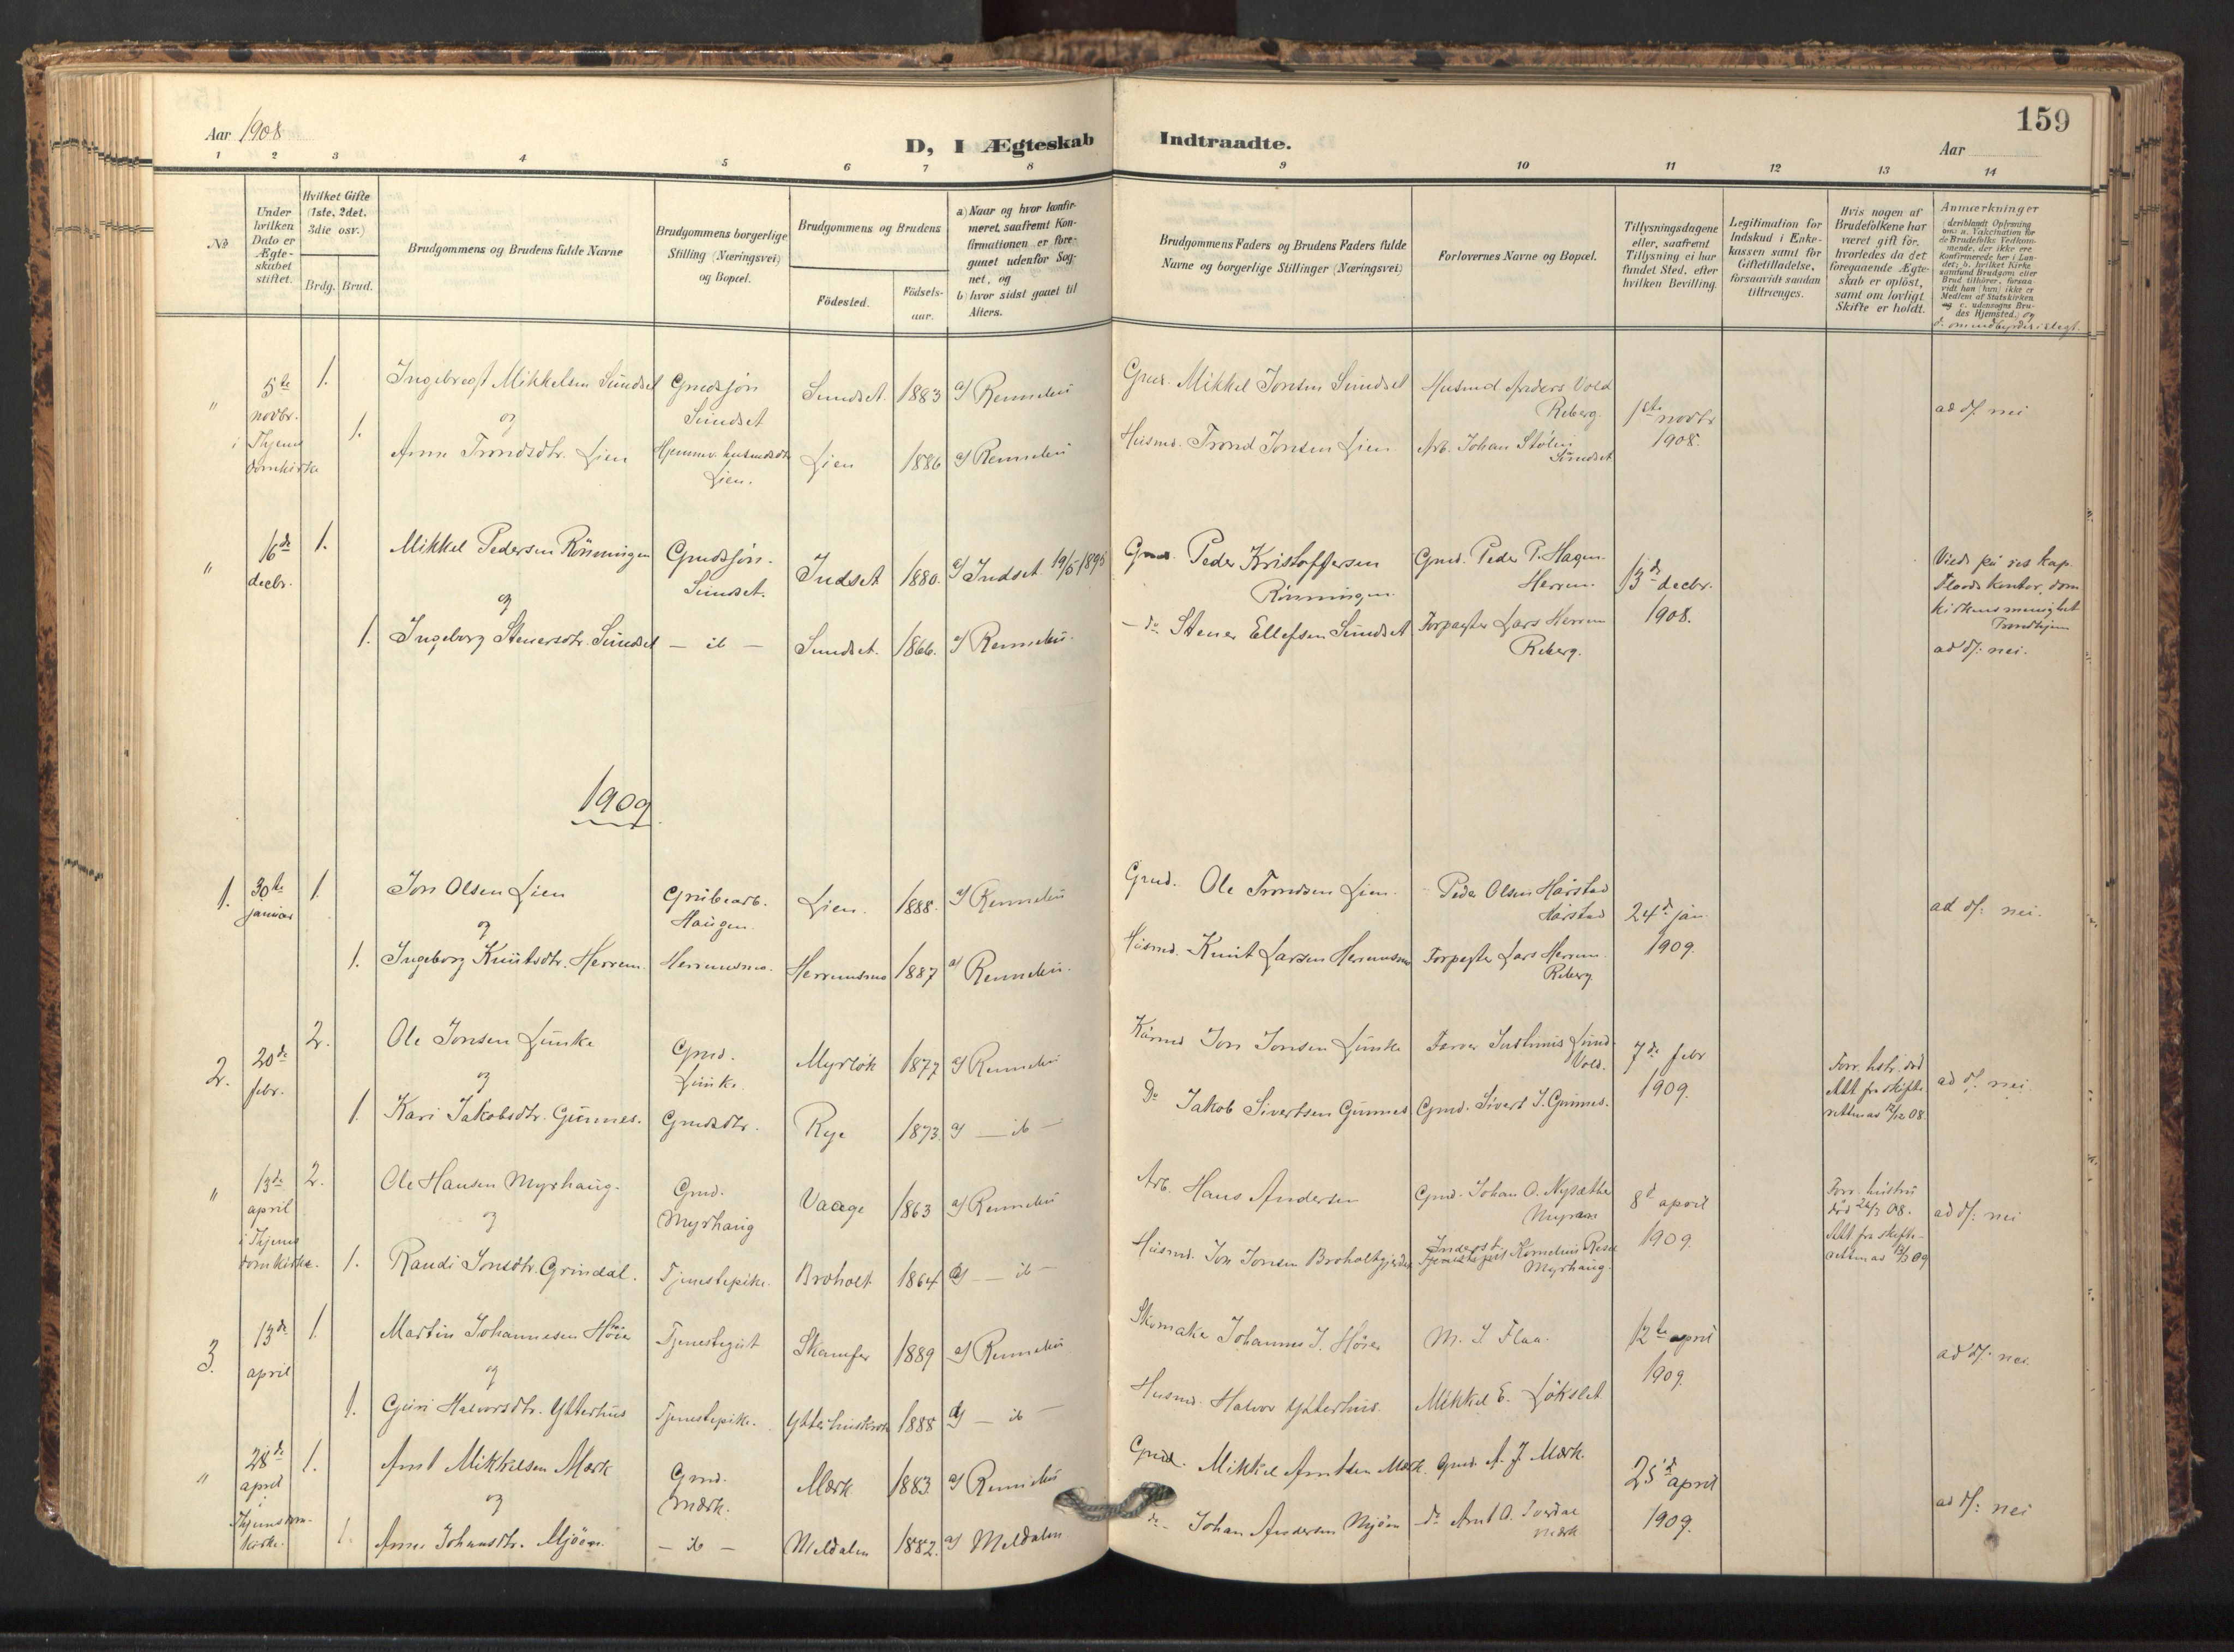 SAT, Ministerialprotokoller, klokkerbøker og fødselsregistre - Sør-Trøndelag, 674/L0873: Ministerialbok nr. 674A05, 1908-1923, s. 159